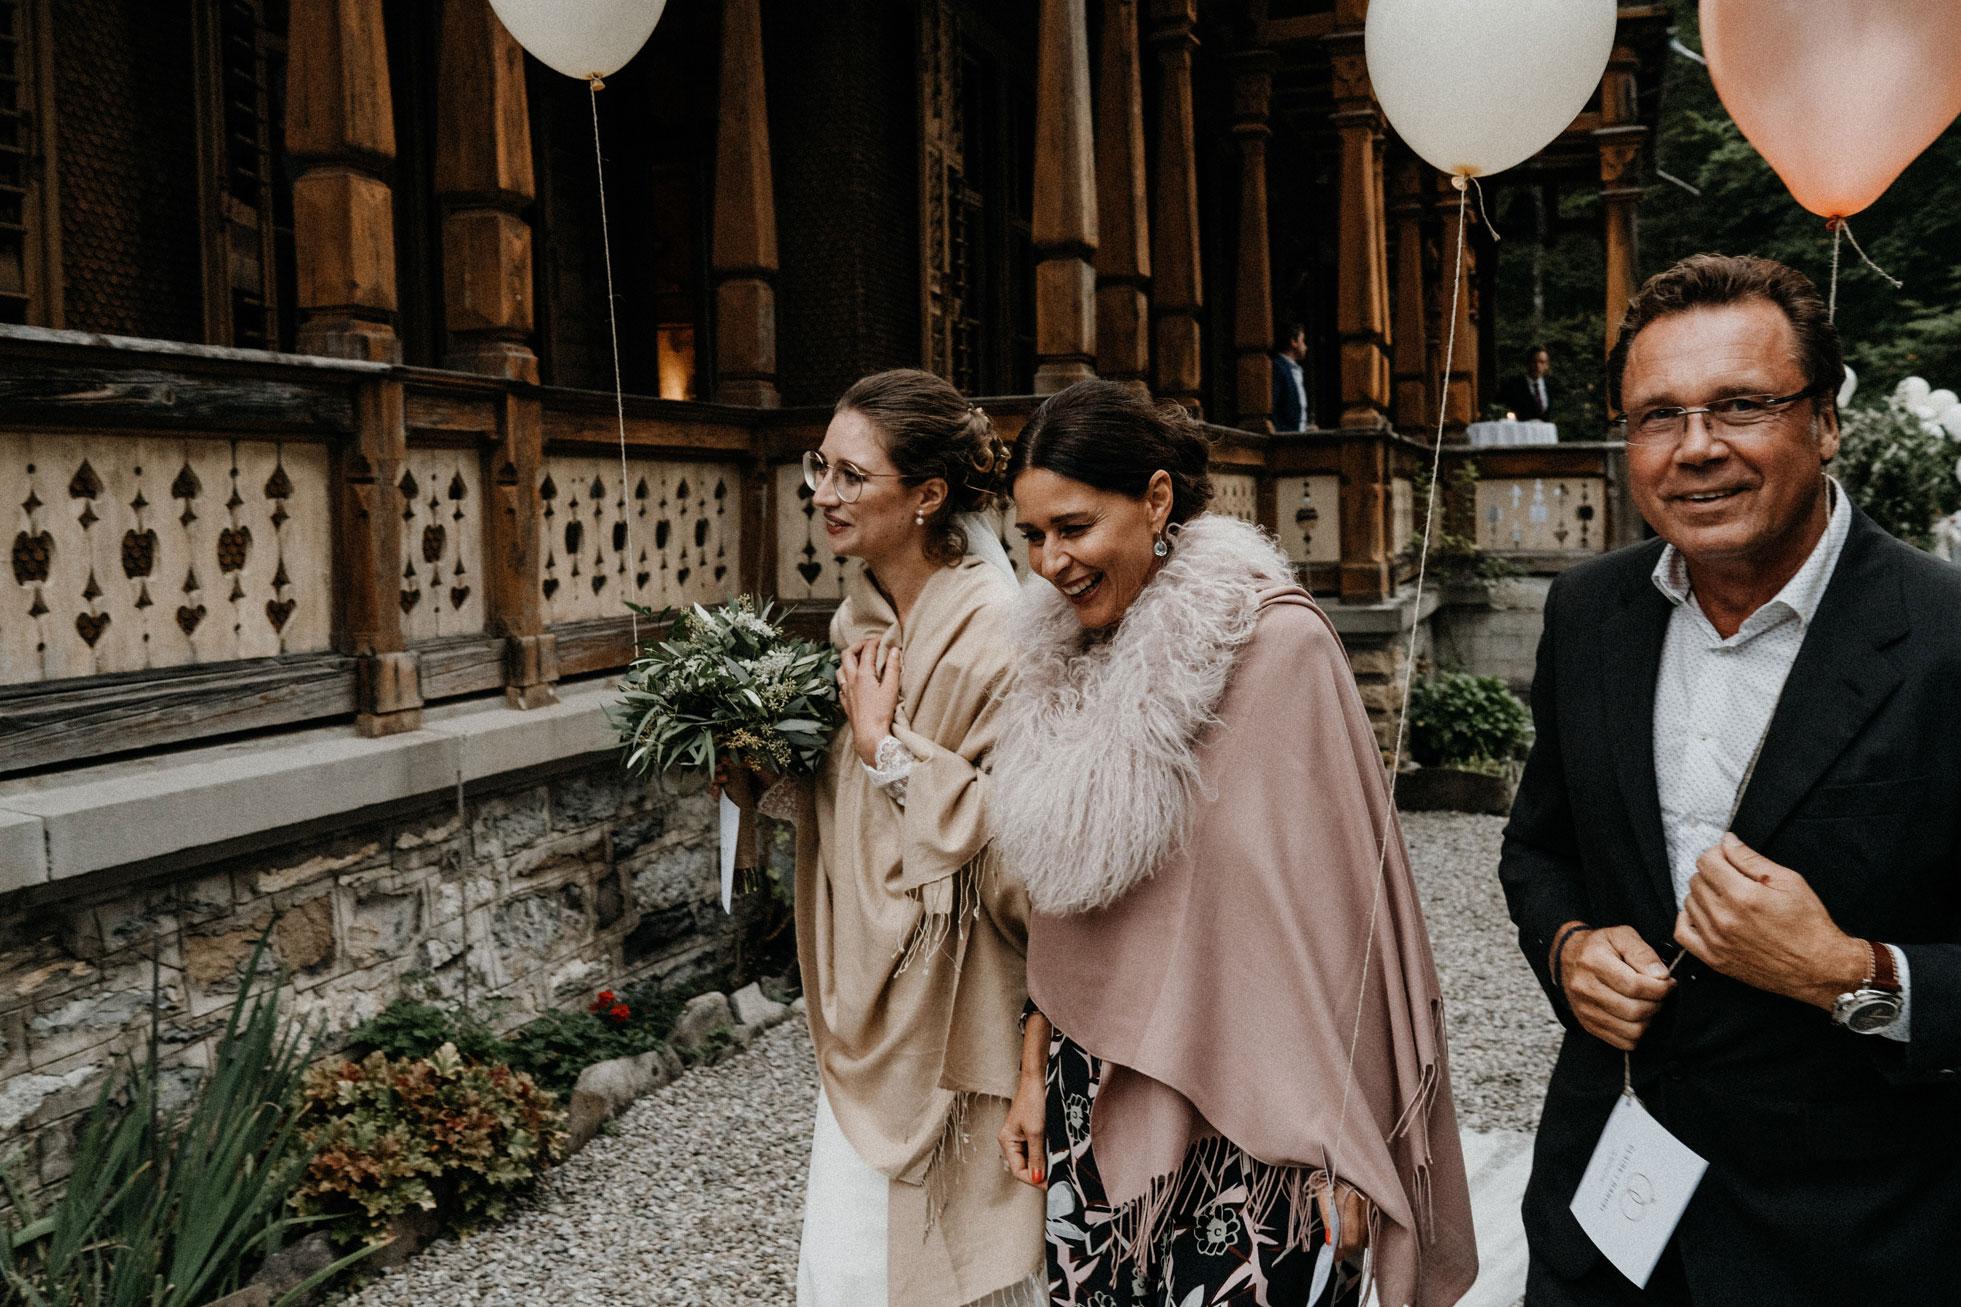 Hochzeit_Claire_Manuel_Villa_Maund_Daniel_Jenny-448.jpg